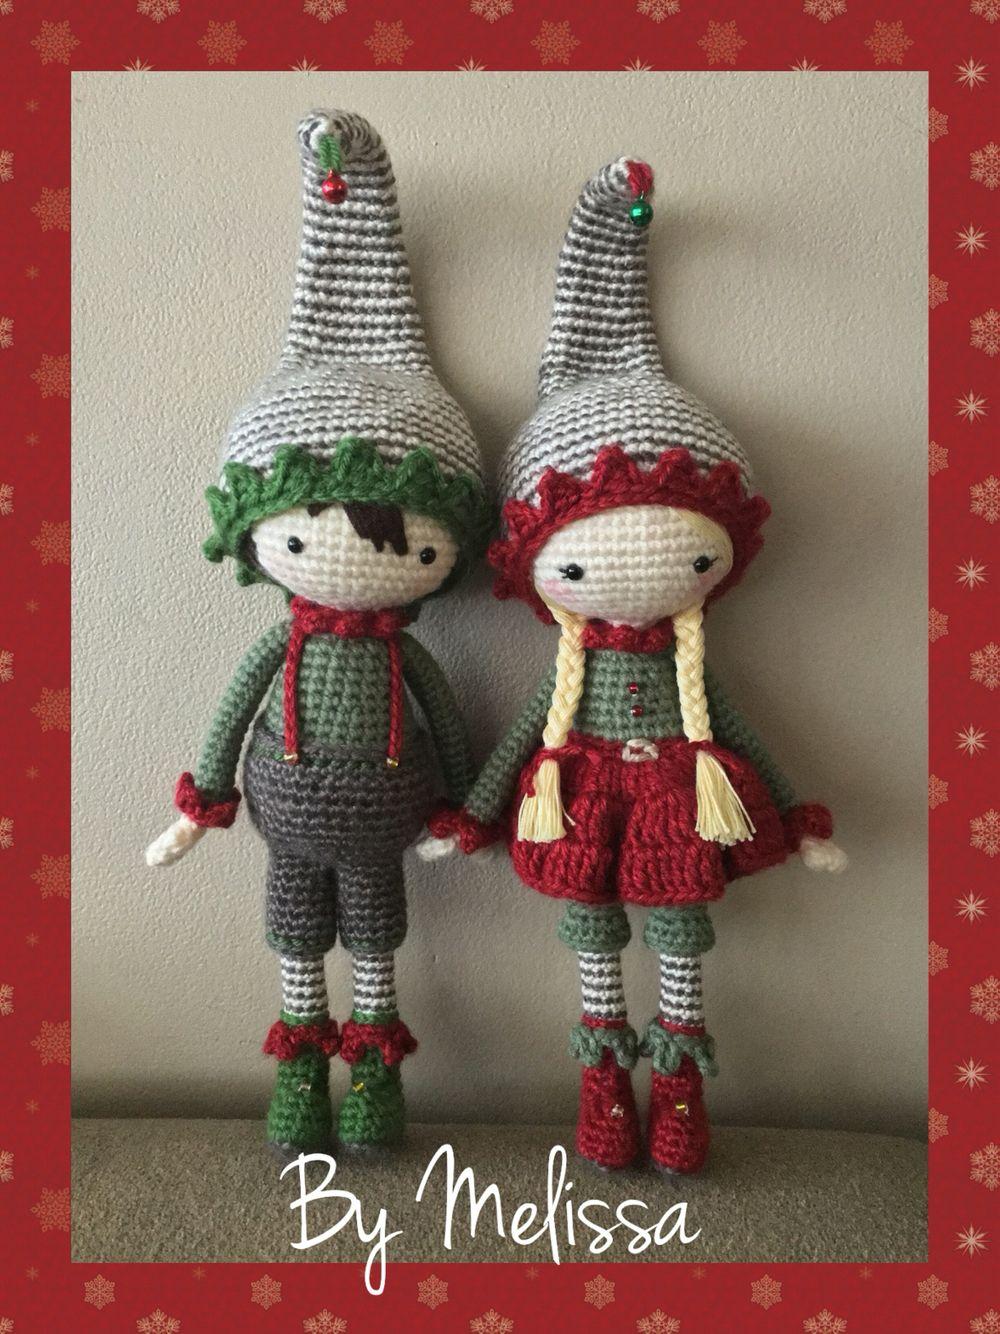 navidad amigurumi, navidad amigurumi patrón libre, navidad ... | 1334x1000